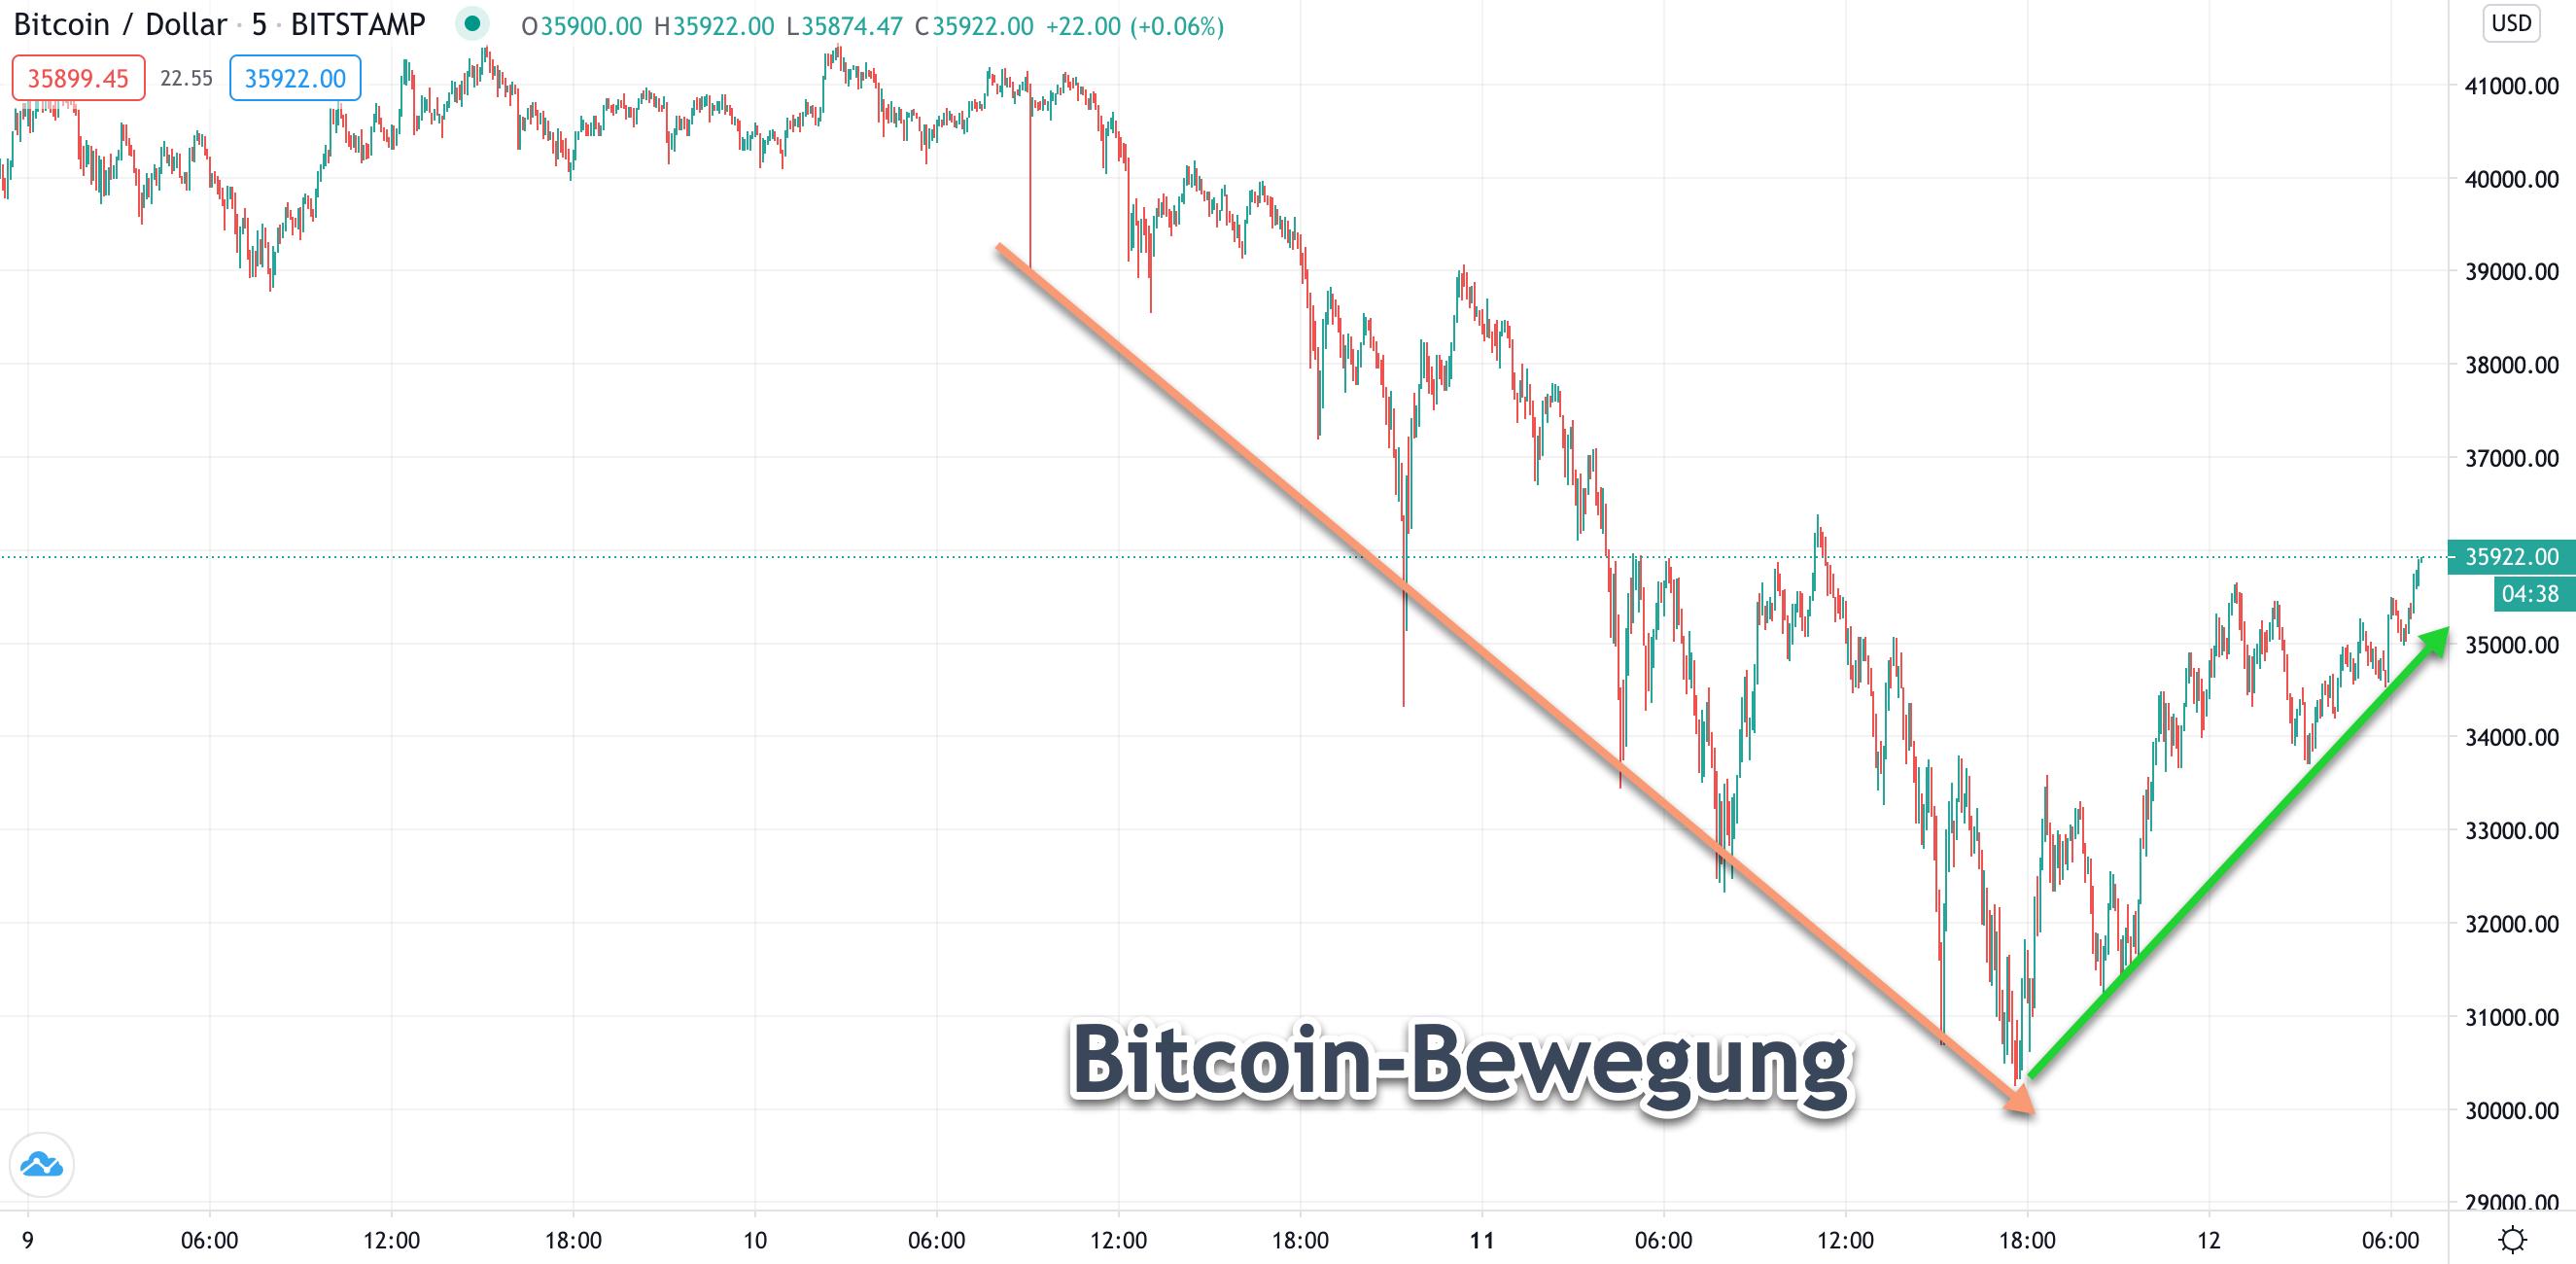 Korrektur-Montag-bereits-ausreichend-bei-DAX-und-Bitcoin-Kommentar-JFD-Bank-GodmodeTrader.de-3